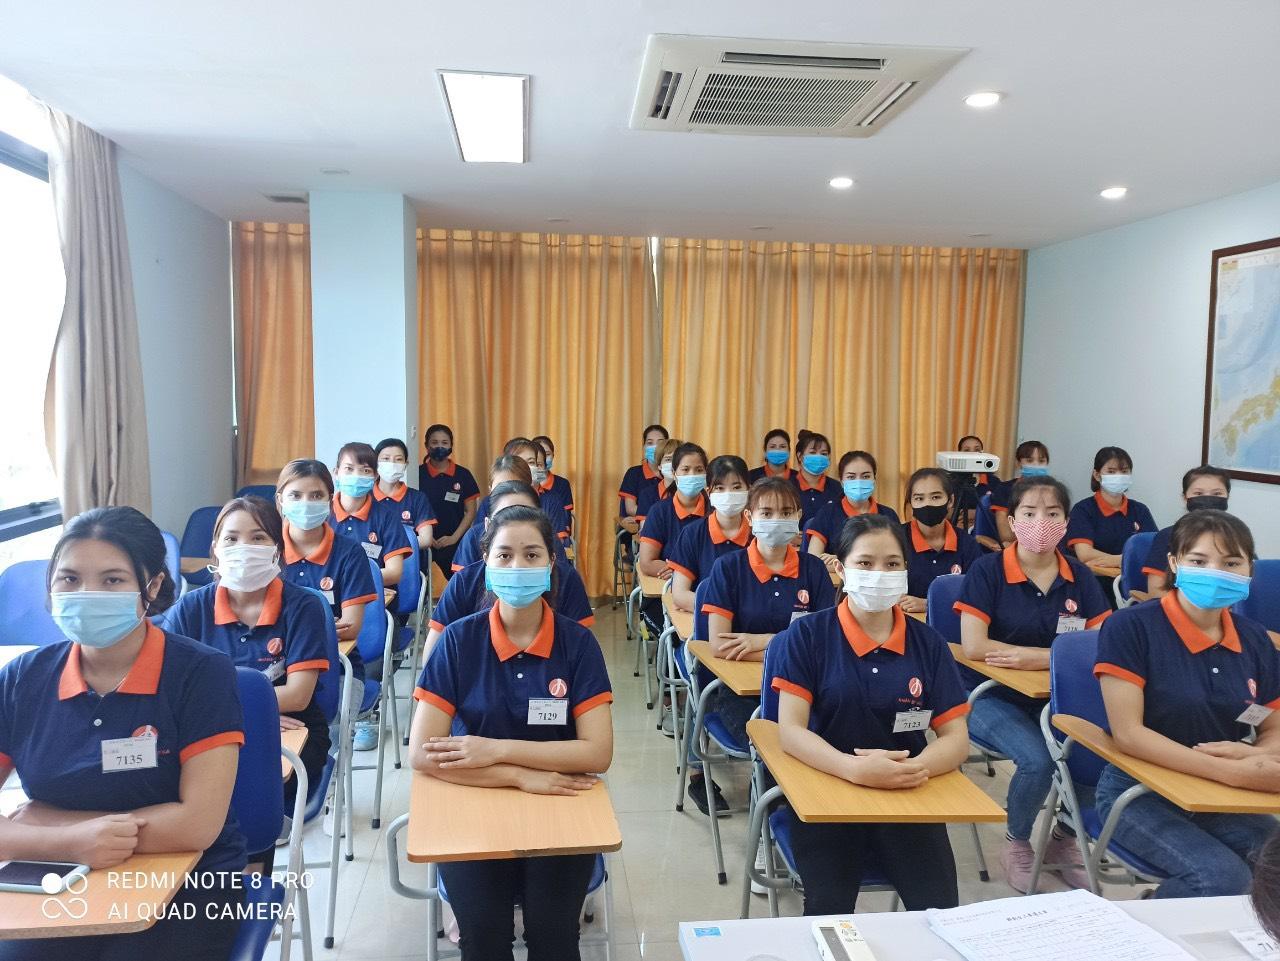 NHÀ MÁY QUANG BẢO TUYỂN 60 NỮ MIỄN PHÍ XUÂT CẢNH KHU NAM TỬ CAO HÙNG | xuat khau lao dong dai loan |xkld lao dong dai loan